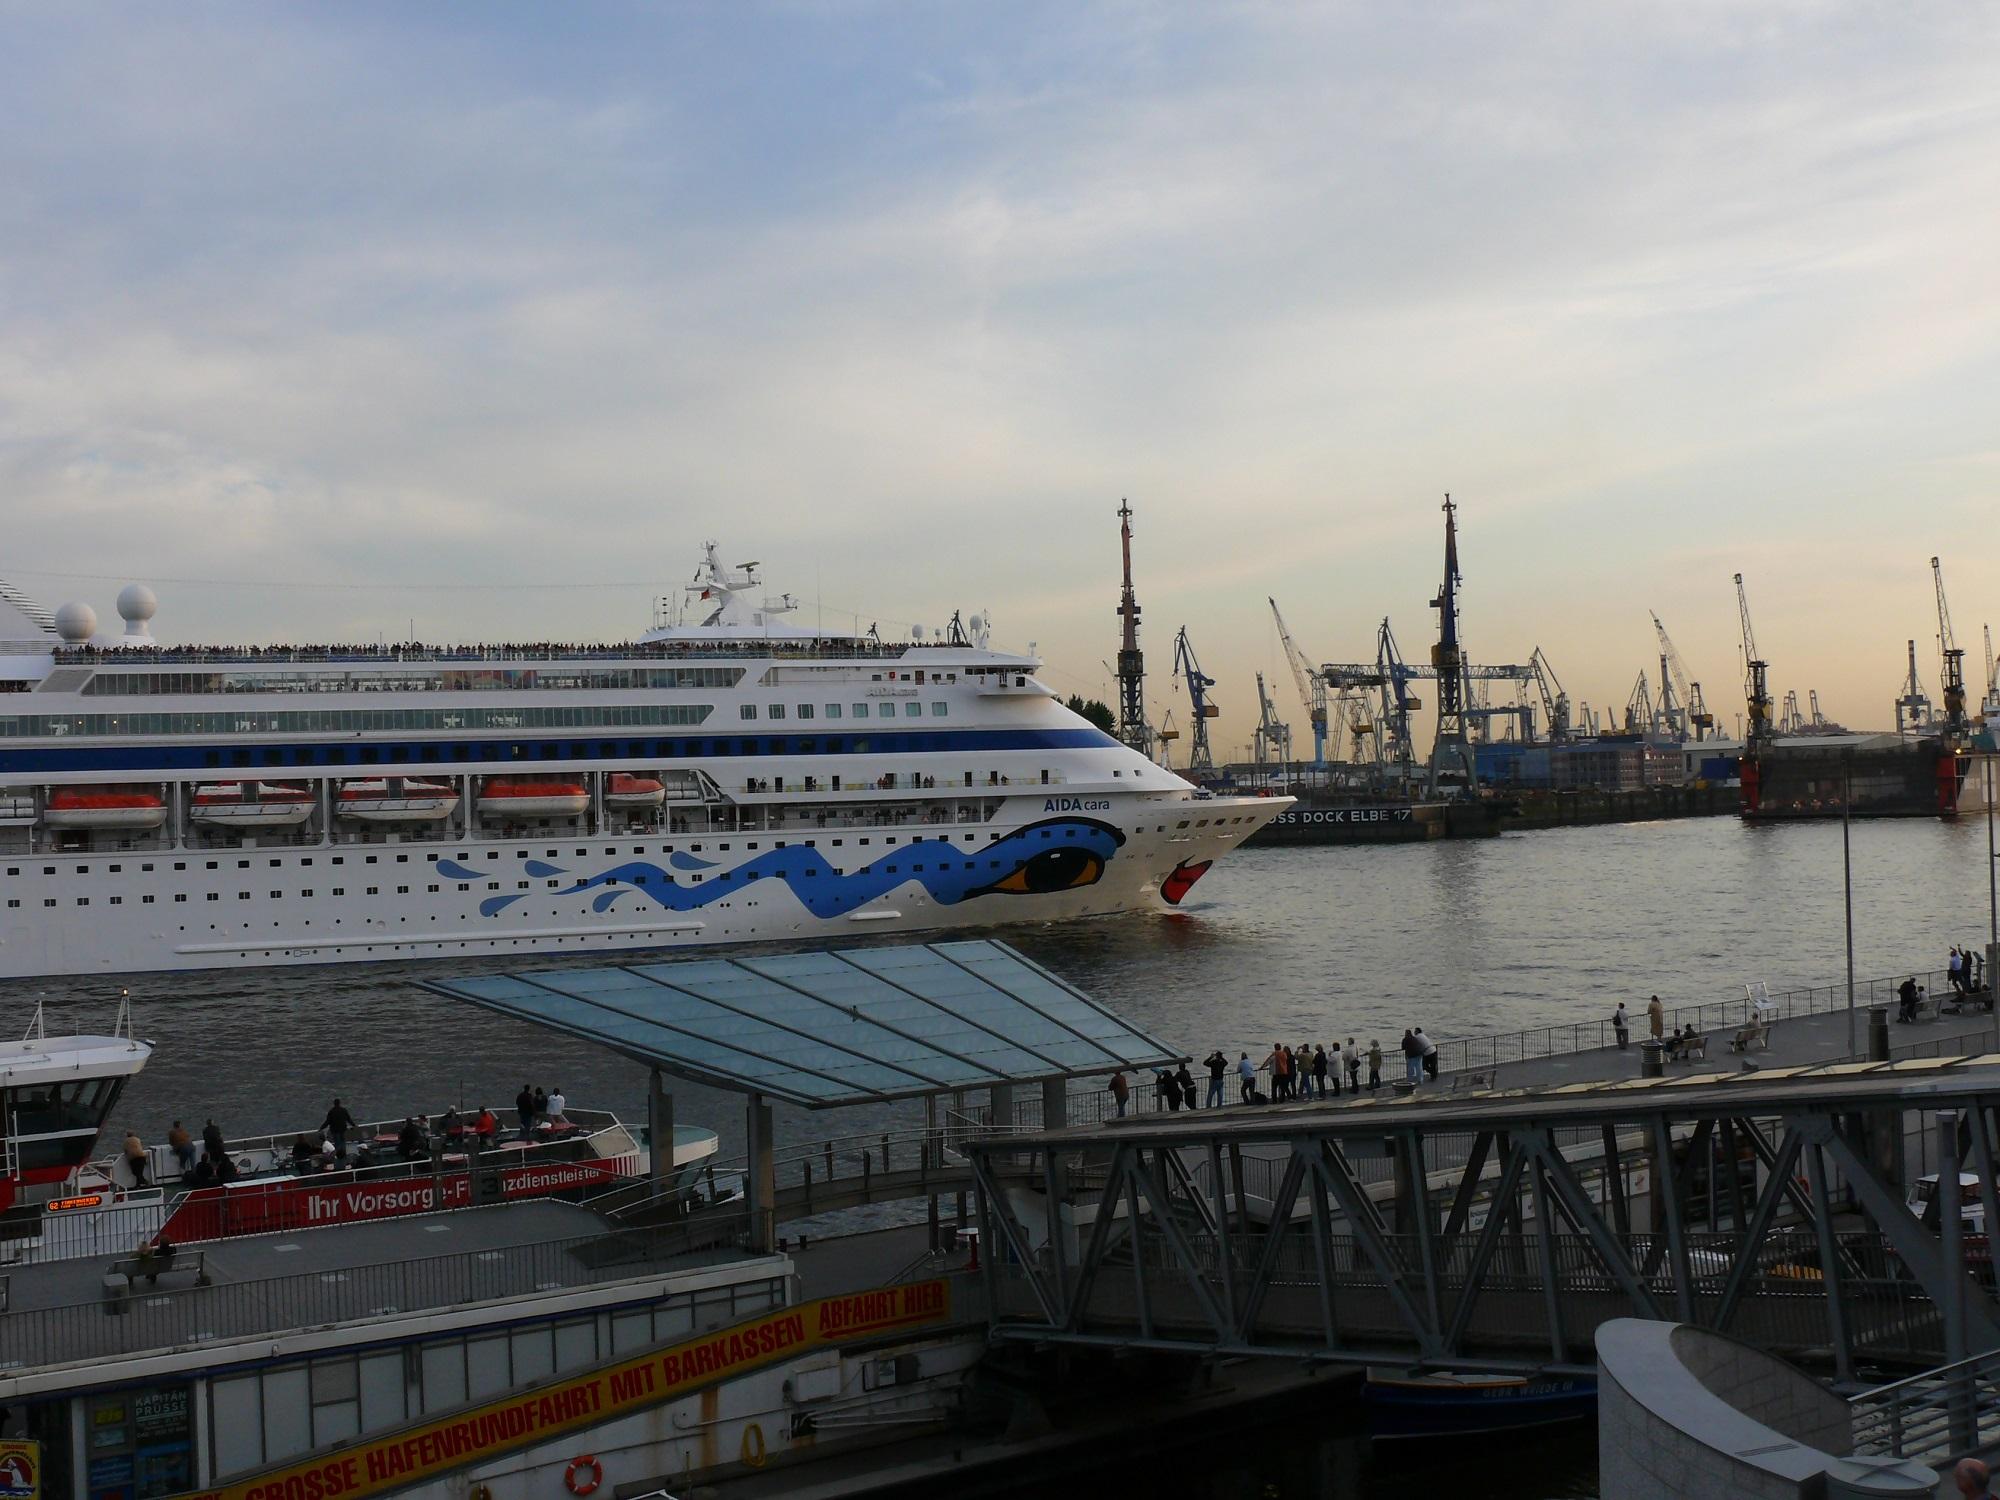 Die AIDAcara wird bei einem großen Werftaufenthalt in Marseille für rund 20 Millionen Euro vor allem im Innenbereich renoviert werden